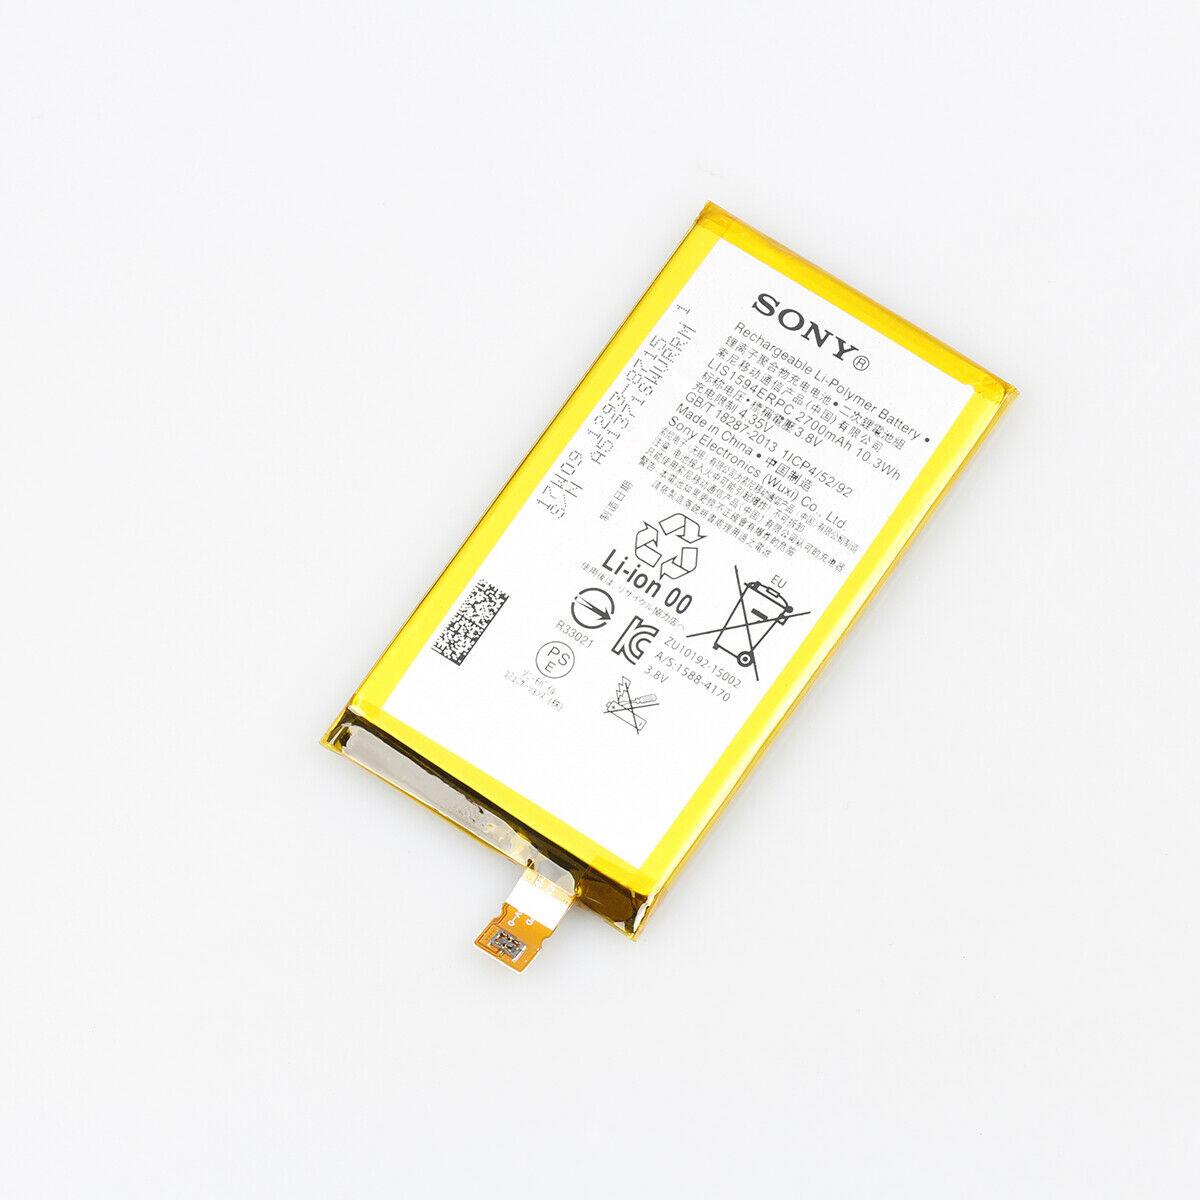 باتری-گوشی-موبایل-سونی-اکسپریا-زد-فایو-کامپکت-Sony-Xperia-Z5-Compact-E5803-2700mAh-LIS1594ERPC..jpg